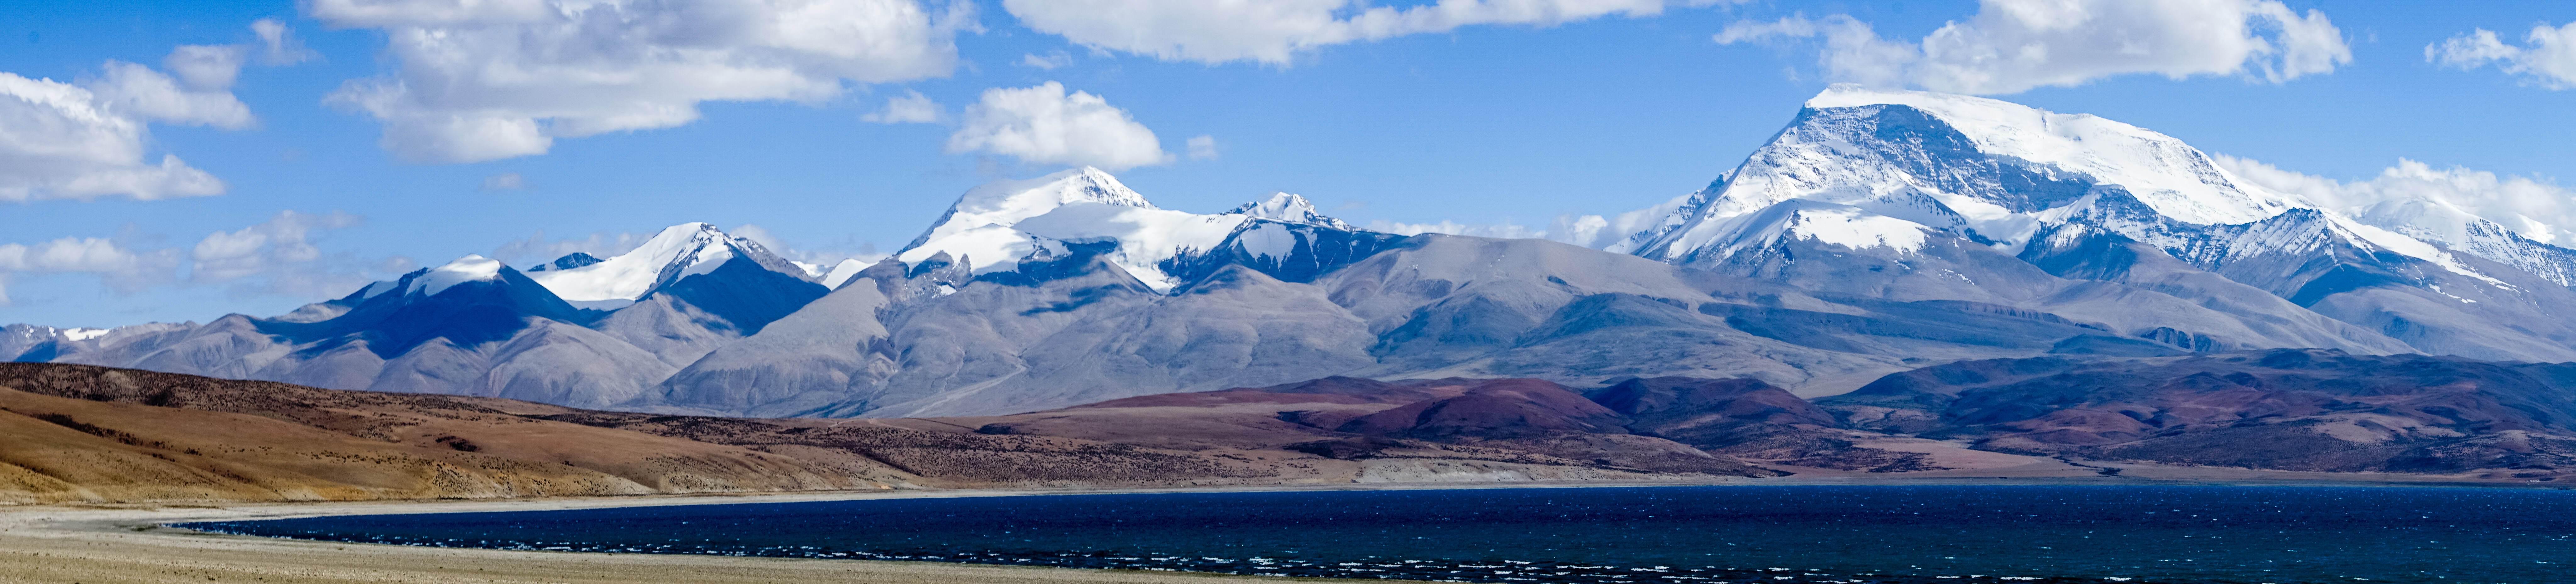 """西藏阿里不仅仅只有冈仁波齐 中印尼三国交界的""""神女峰""""人少景更美"""